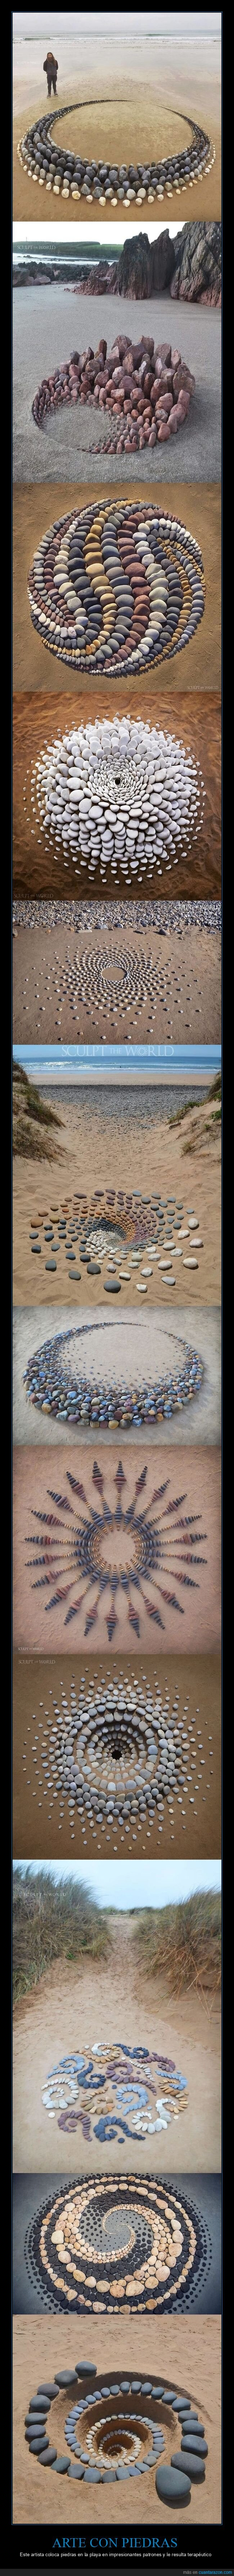 arte,piedras,playa